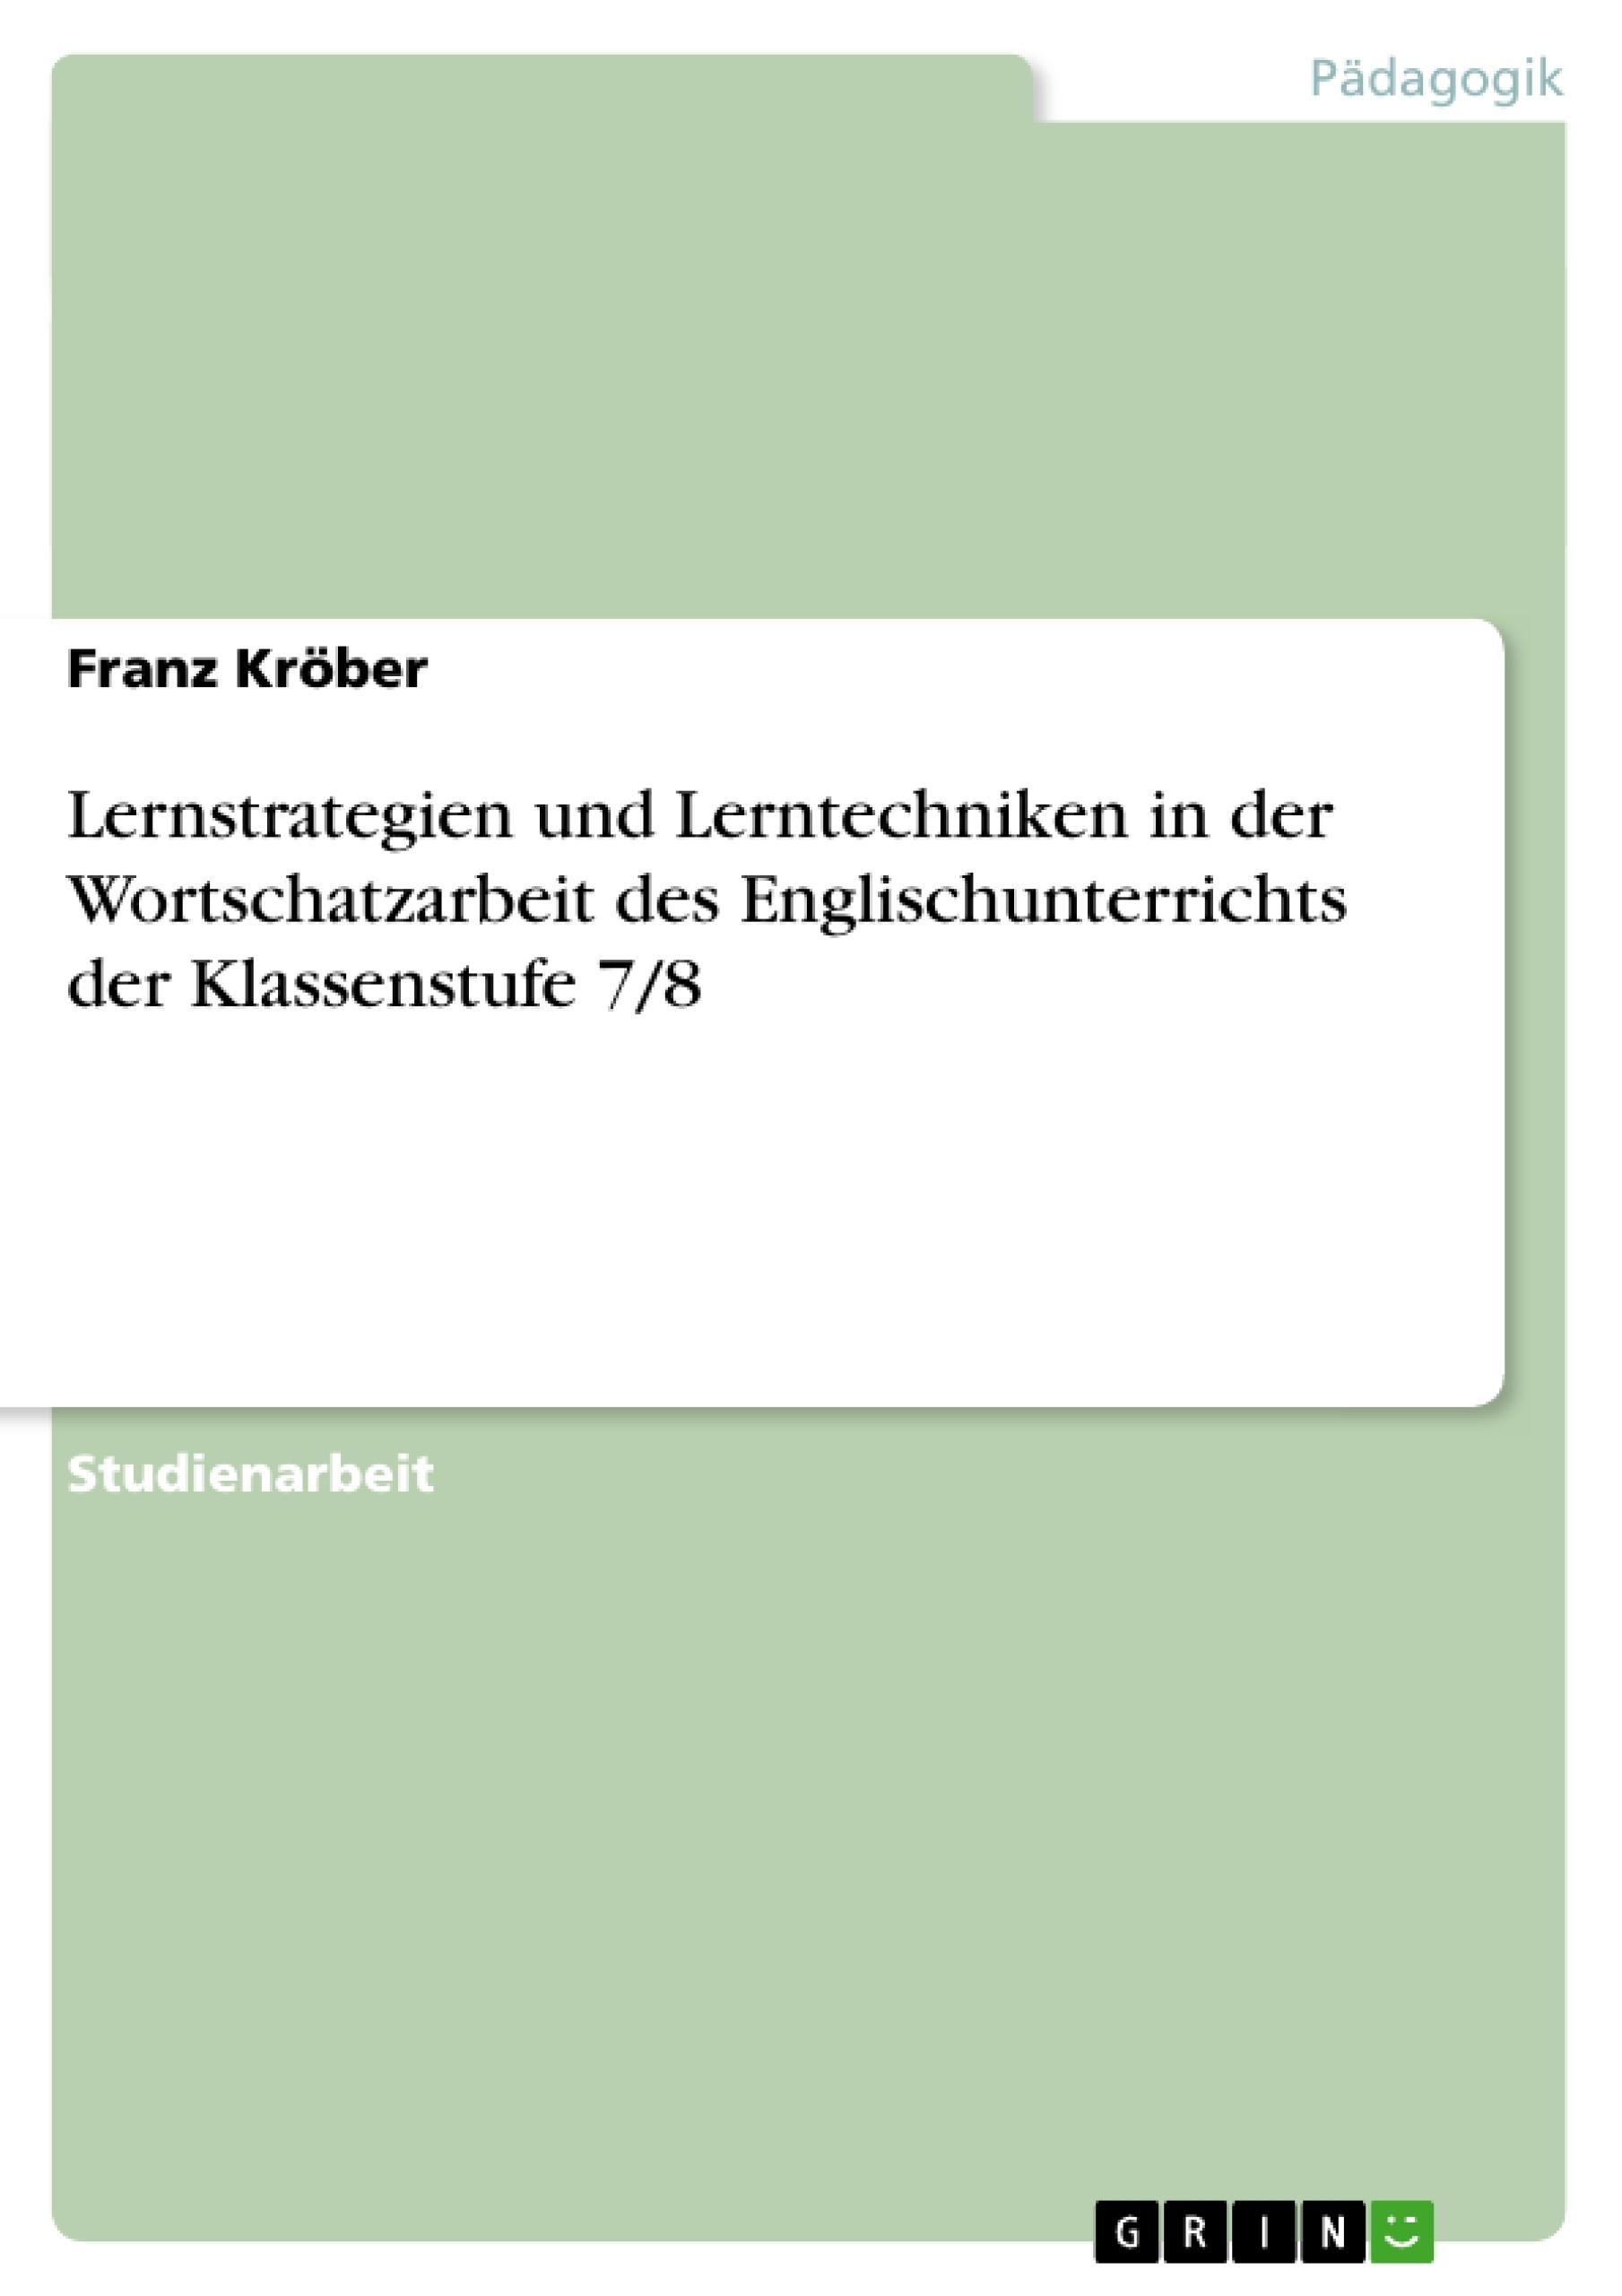 Titel: Lernstrategien und Lerntechniken in der Wortschatzarbeit des Englischunterrichts der Klassenstufe 7/8